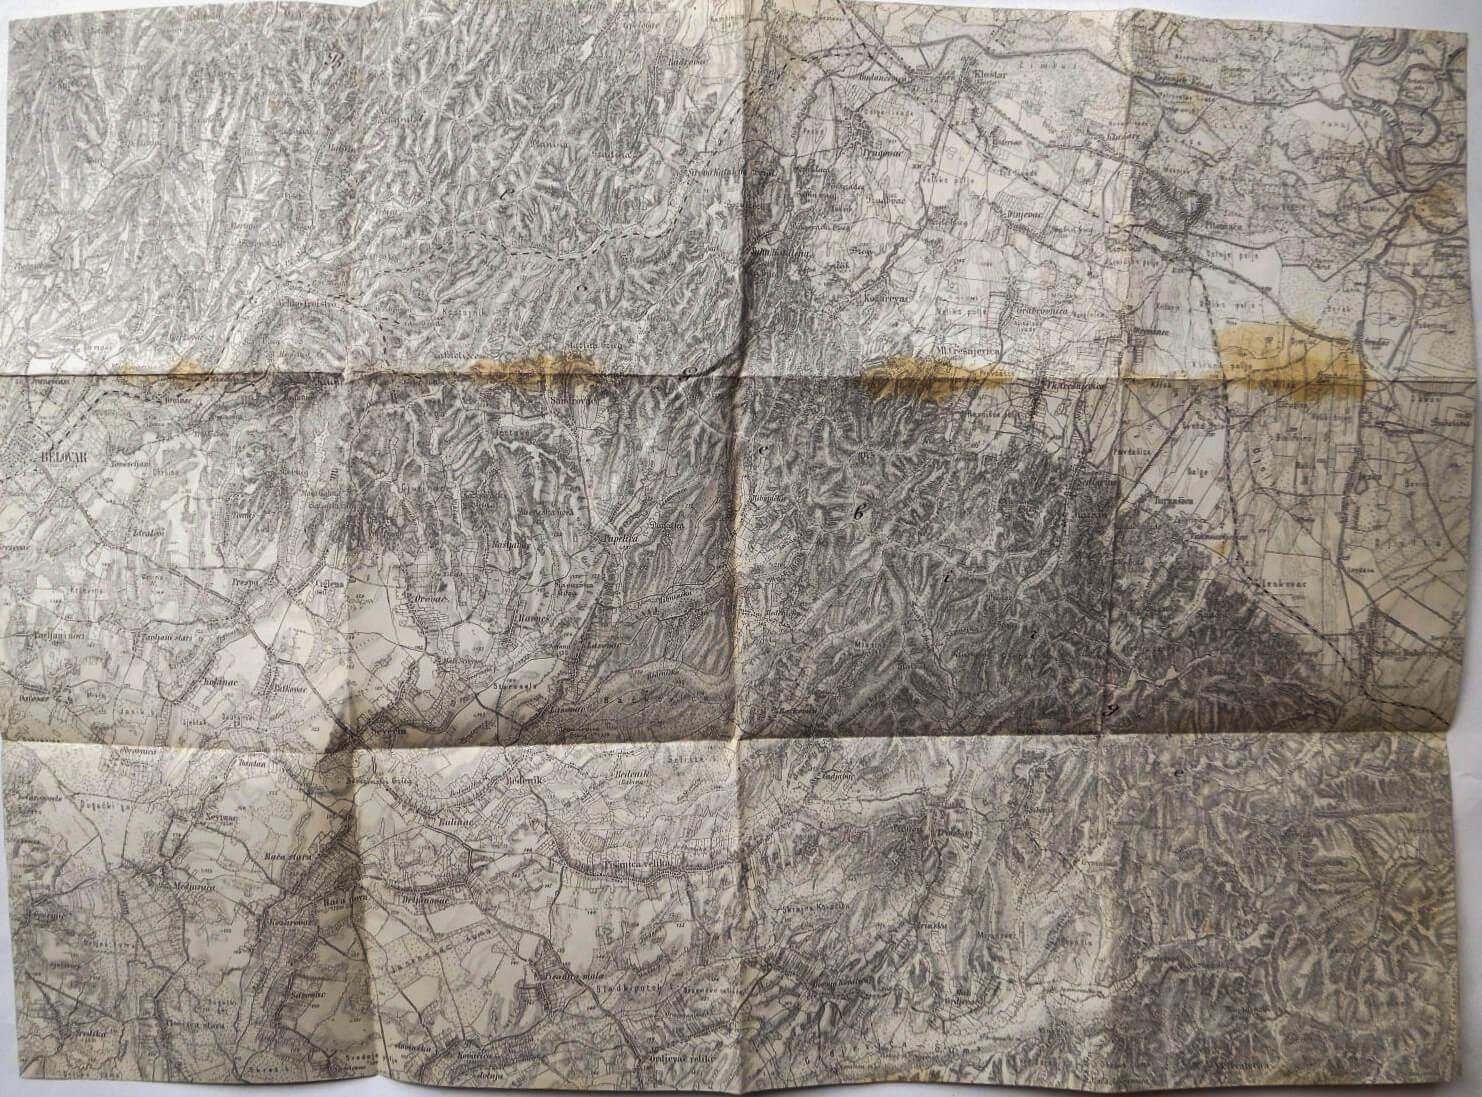 Bjelovar és környéke Horvátország katonai térkép 1930-as évek